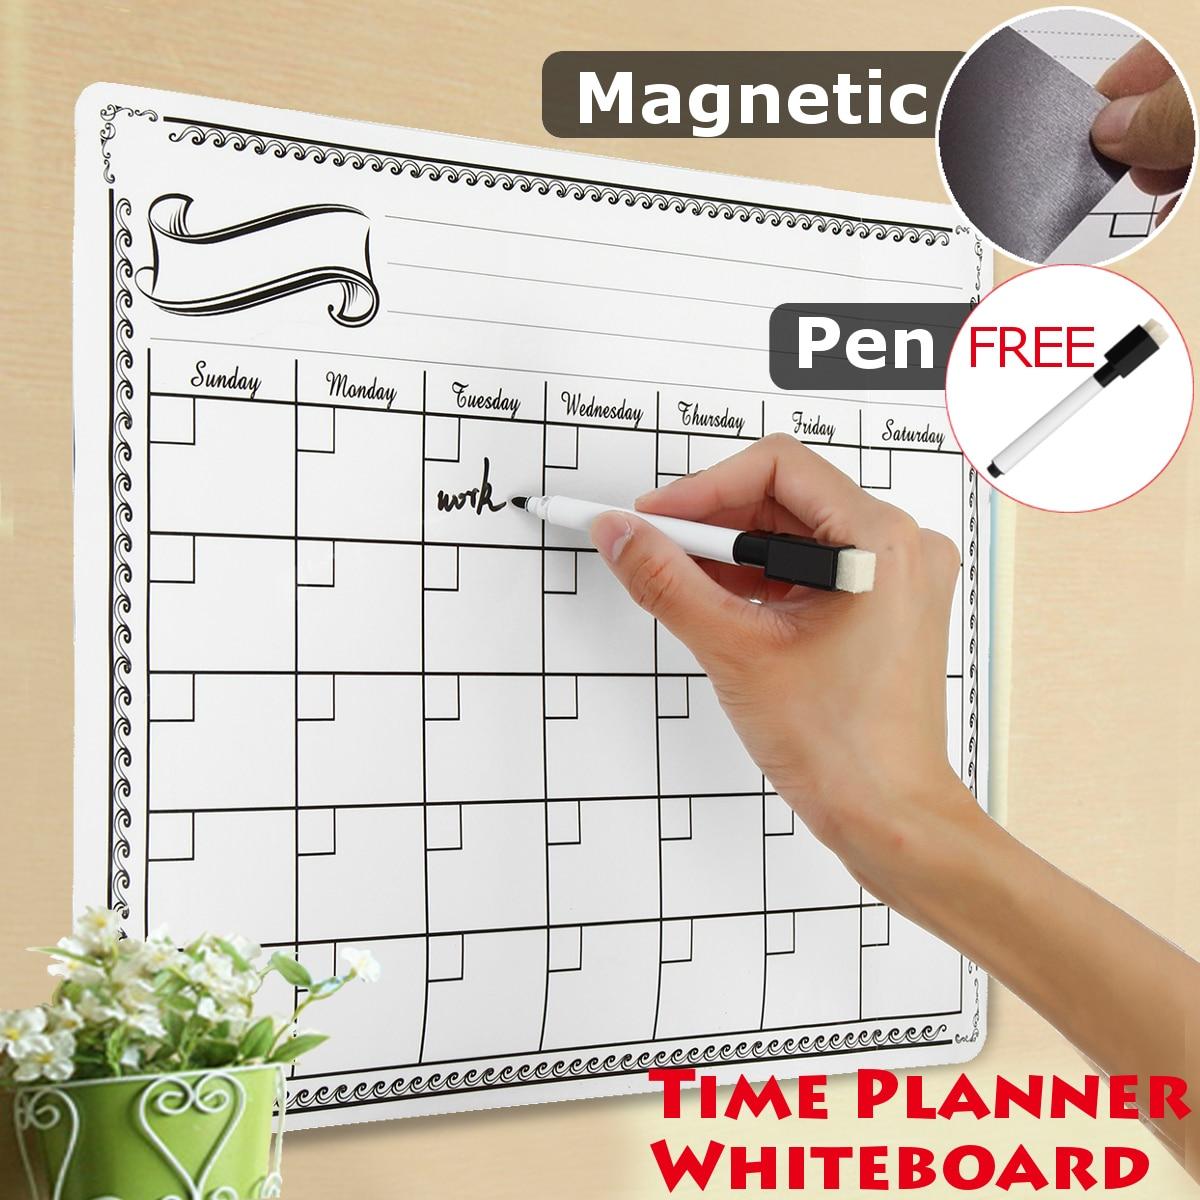 Magnet Plan Whiteboard Flexible Kühlschrank Magnetische Kühlschrank Trockenen Löschen Bord Wasserdichte Zeichnung Nachricht Bord 42X30 cm